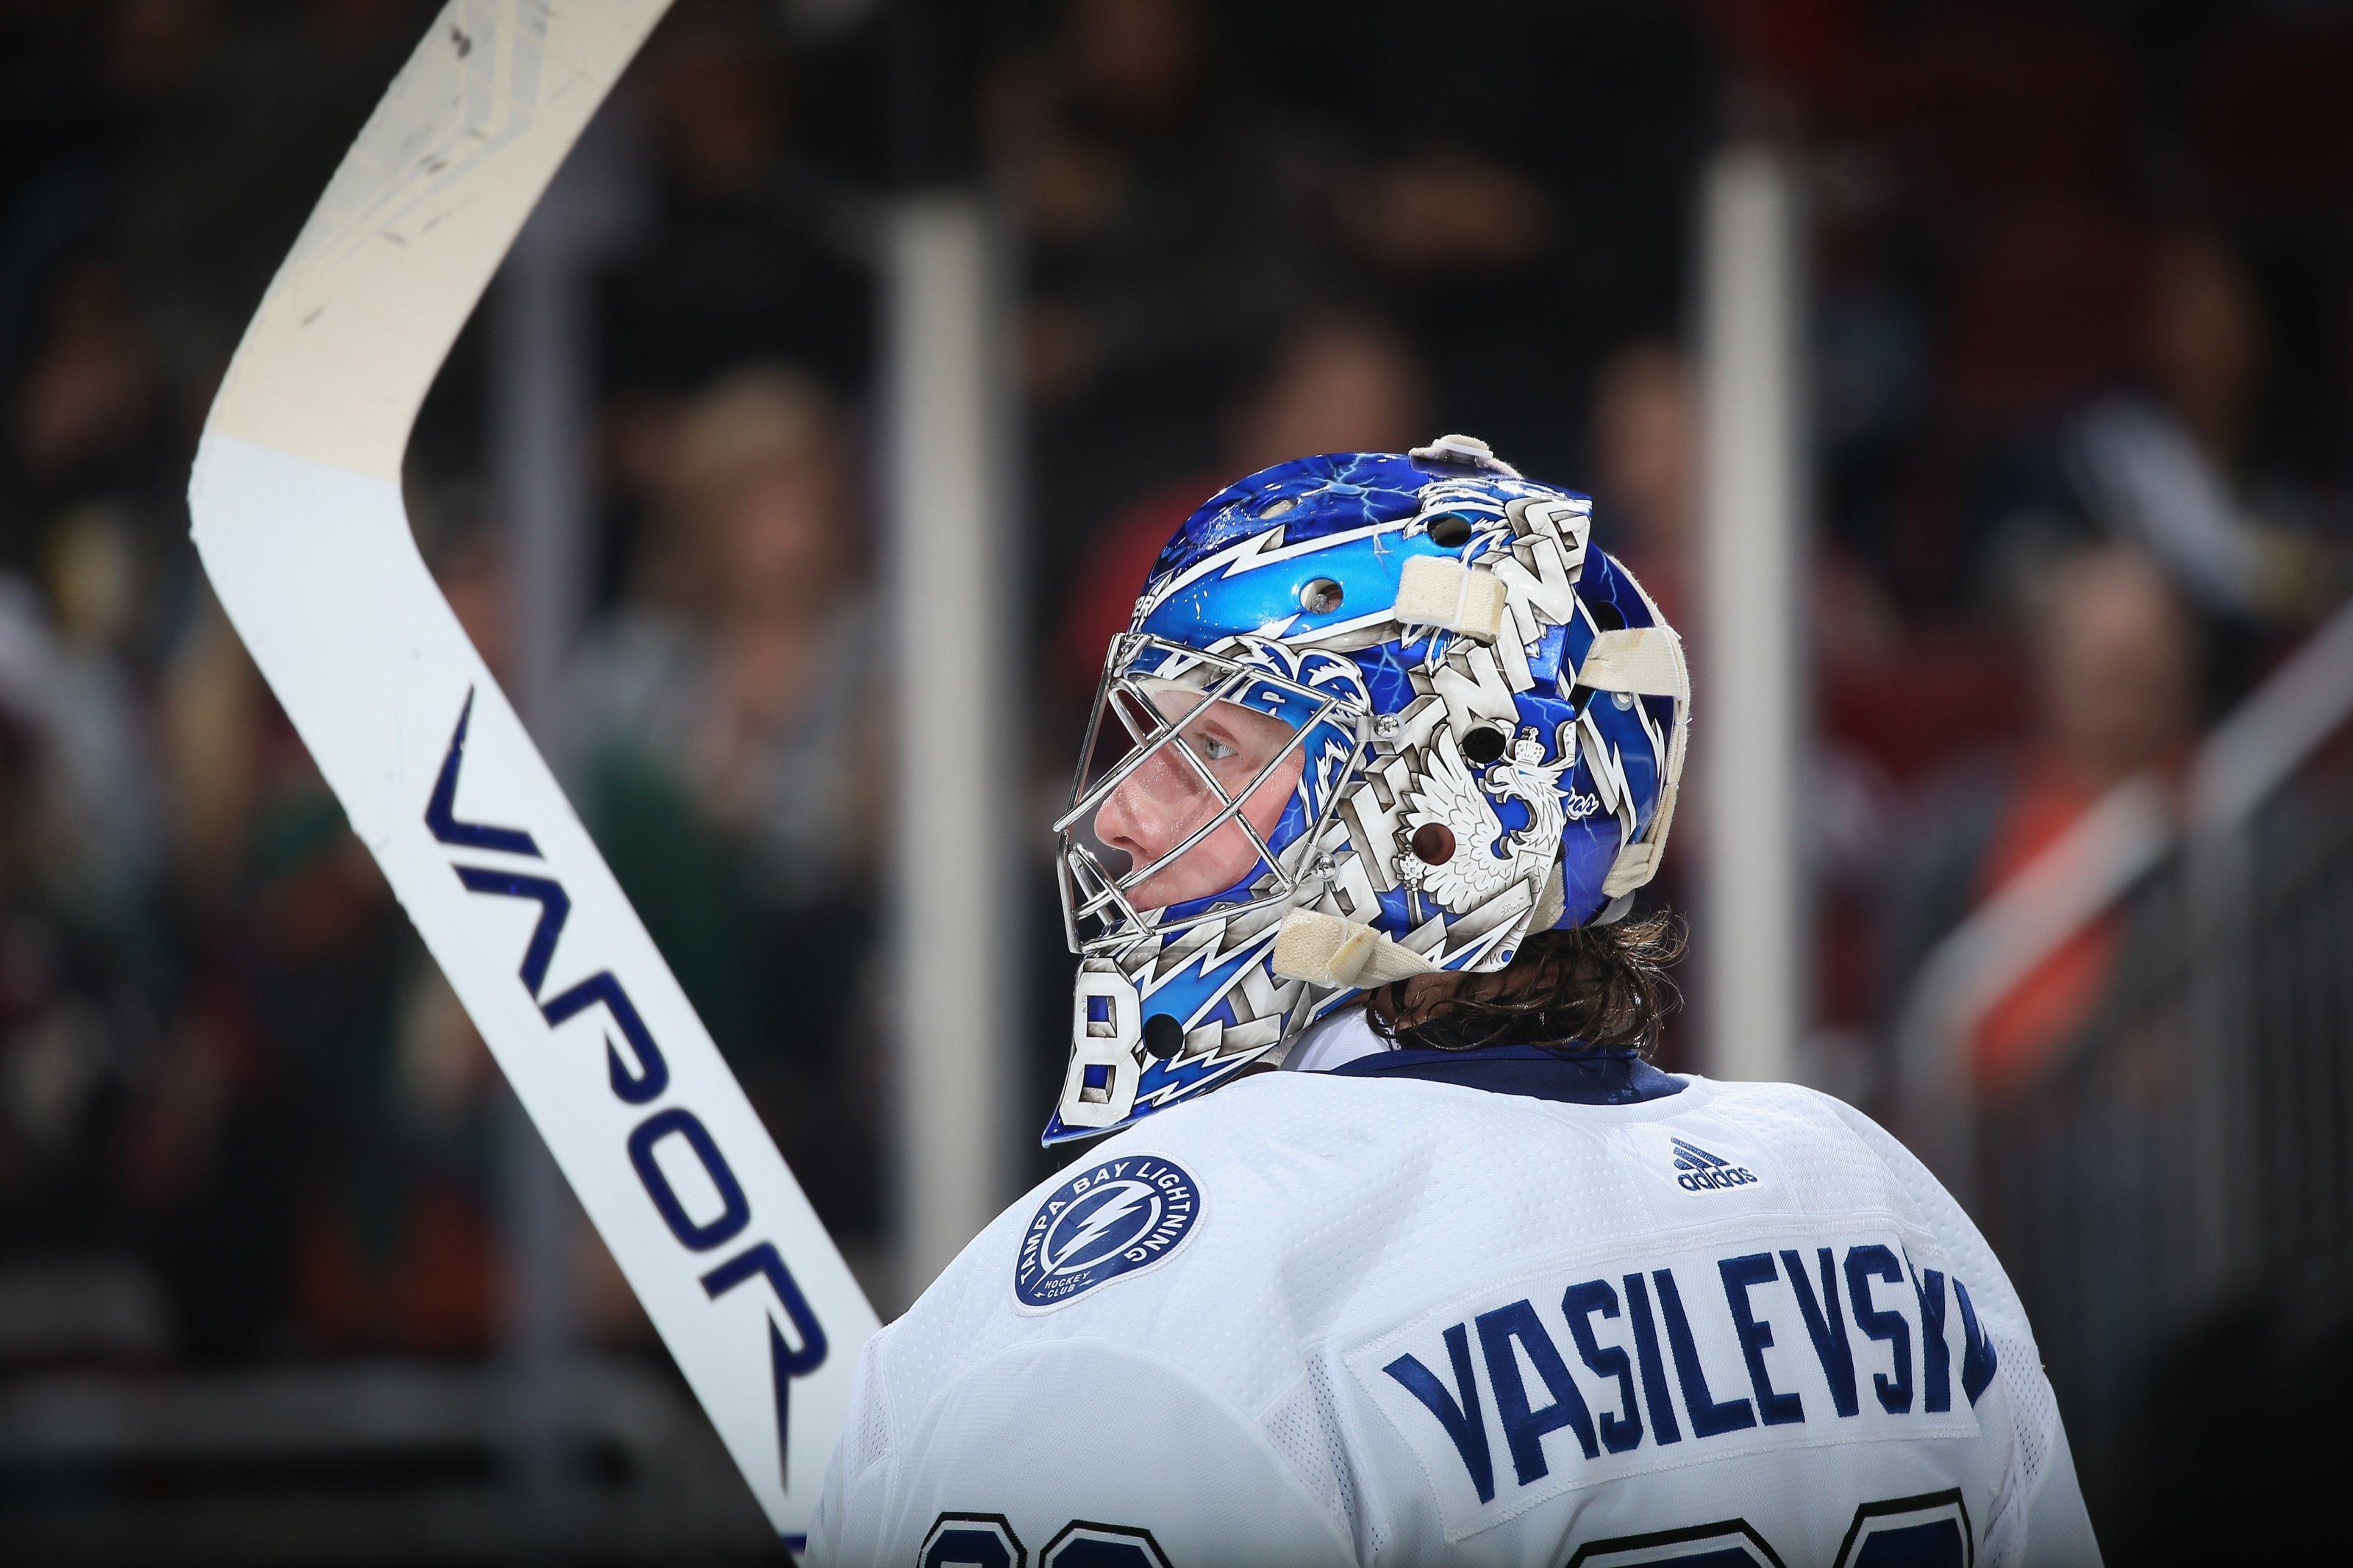 Василевский повторил рекорд по числу побед кряду и установил достижение в НХЛ